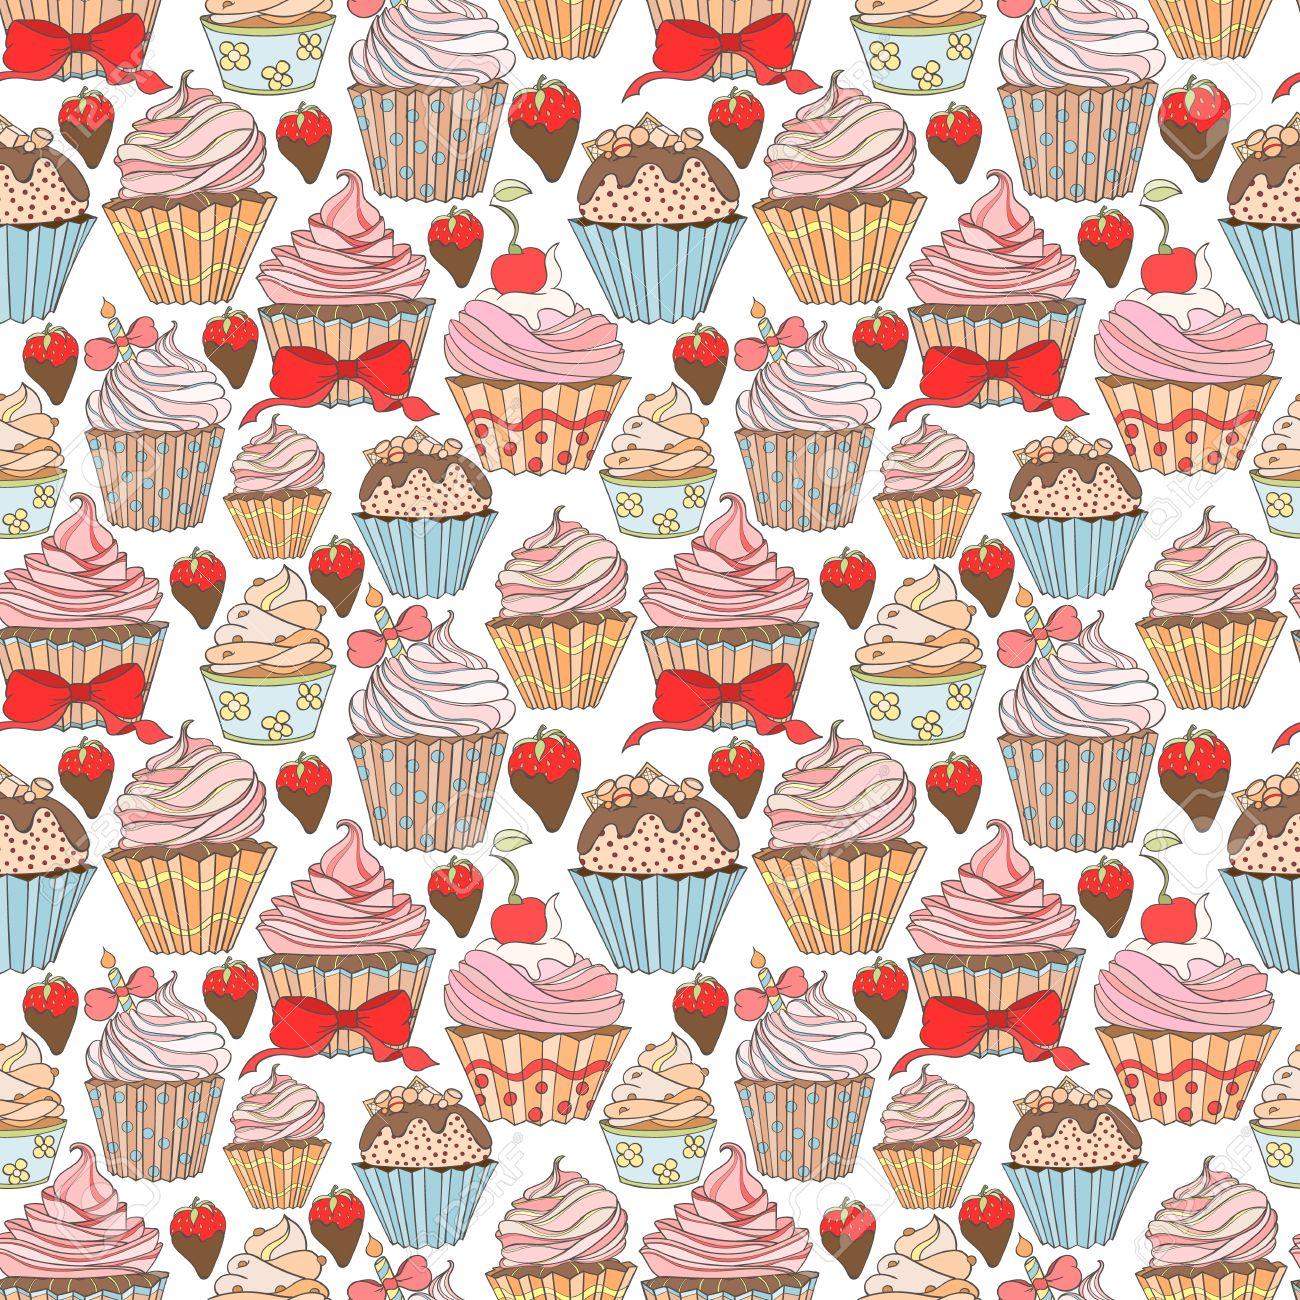 ホームページの壁紙 包装紙 壁紙用カップケーキ カラフルなシームレスなパターンを使用できます カップケーキ汗明るいパターン 砂漠デザインを汗します 食品のコンセプト の写真素材 画像素材 Image